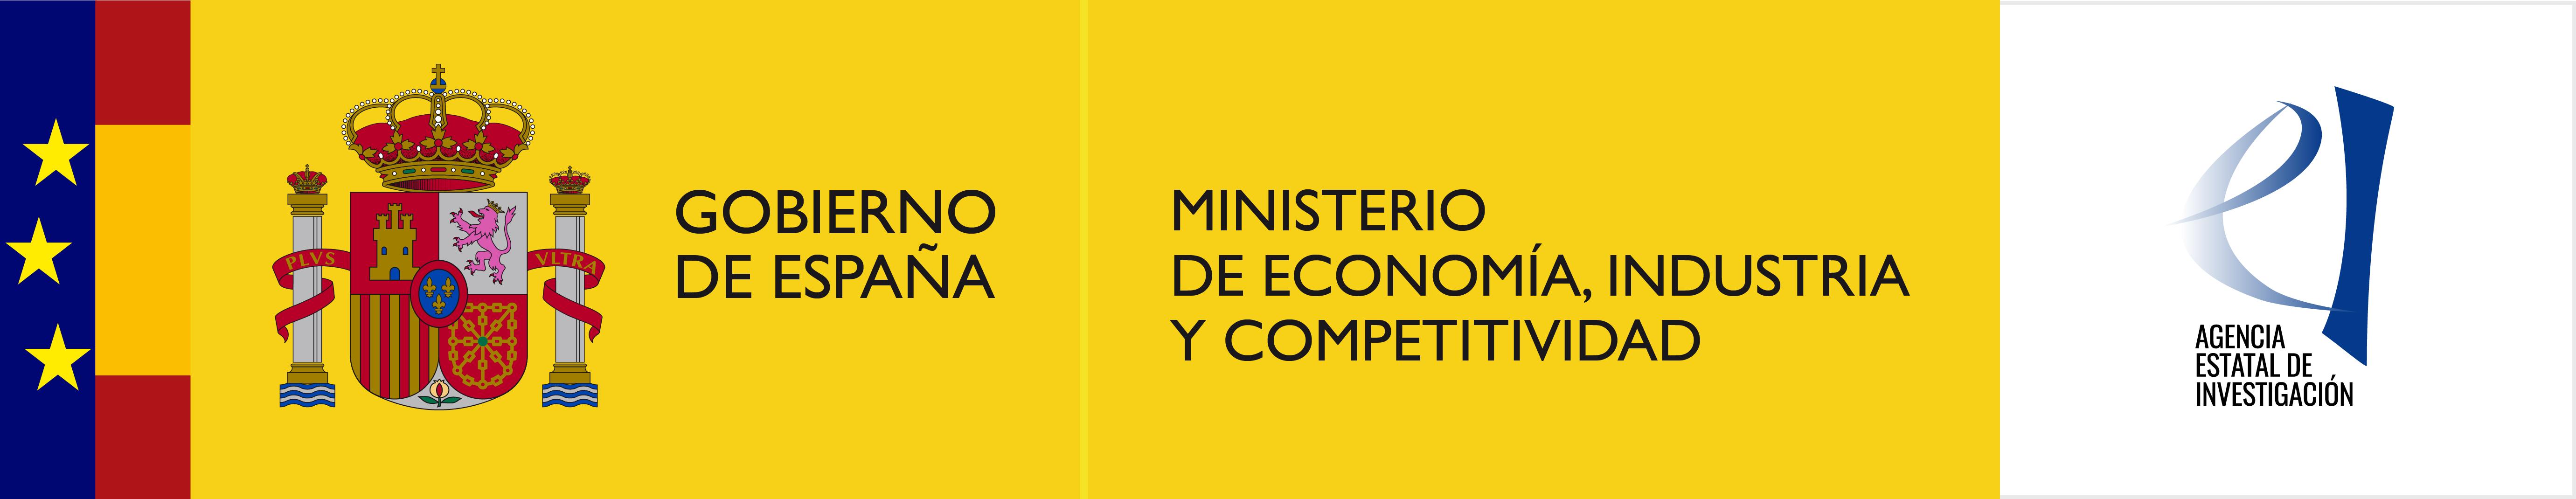 Ministerio de Economía, Industria y Competitividad.